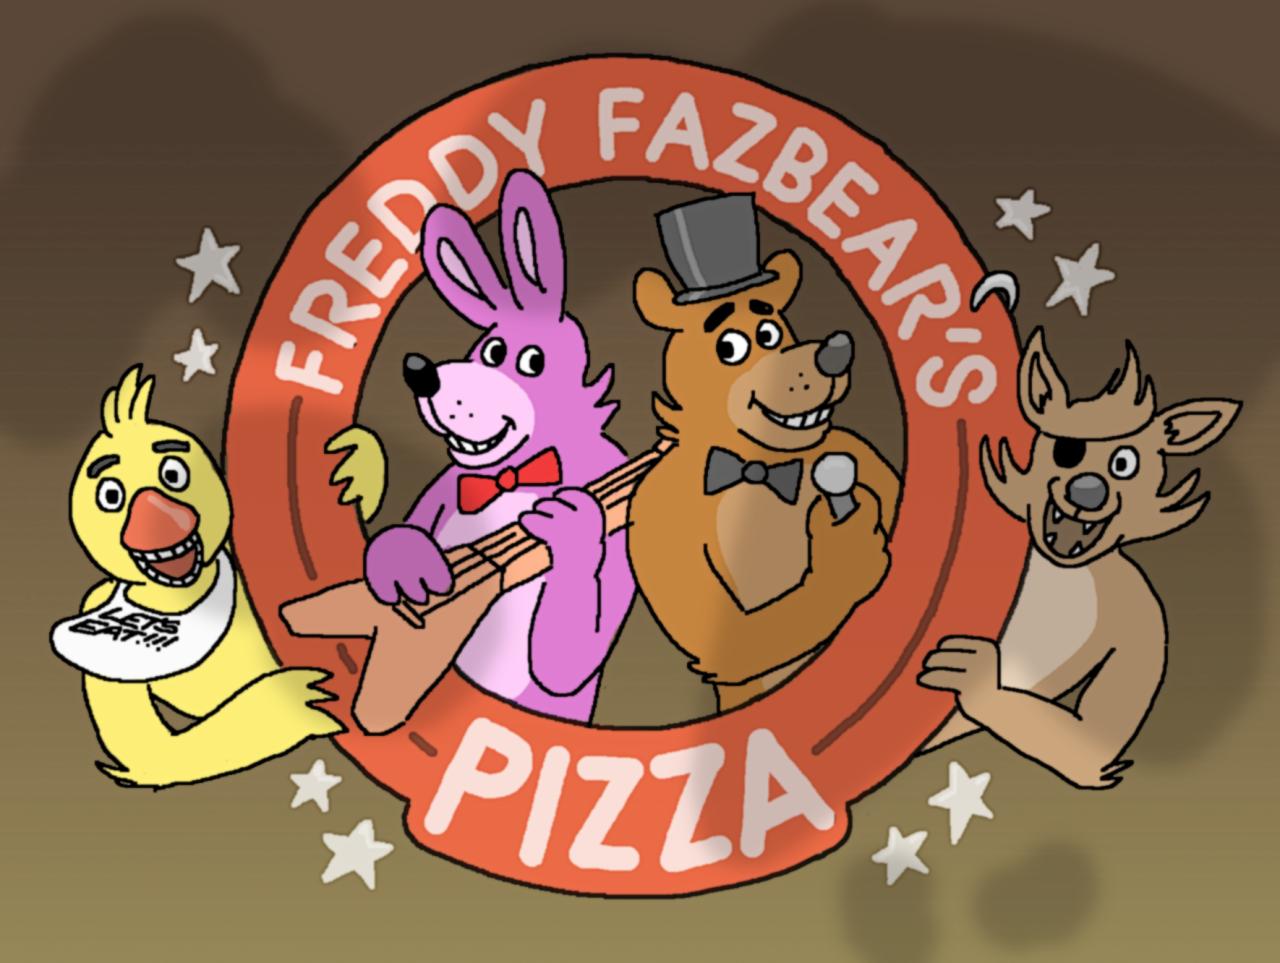 freddy fazbear s pizza weasyl